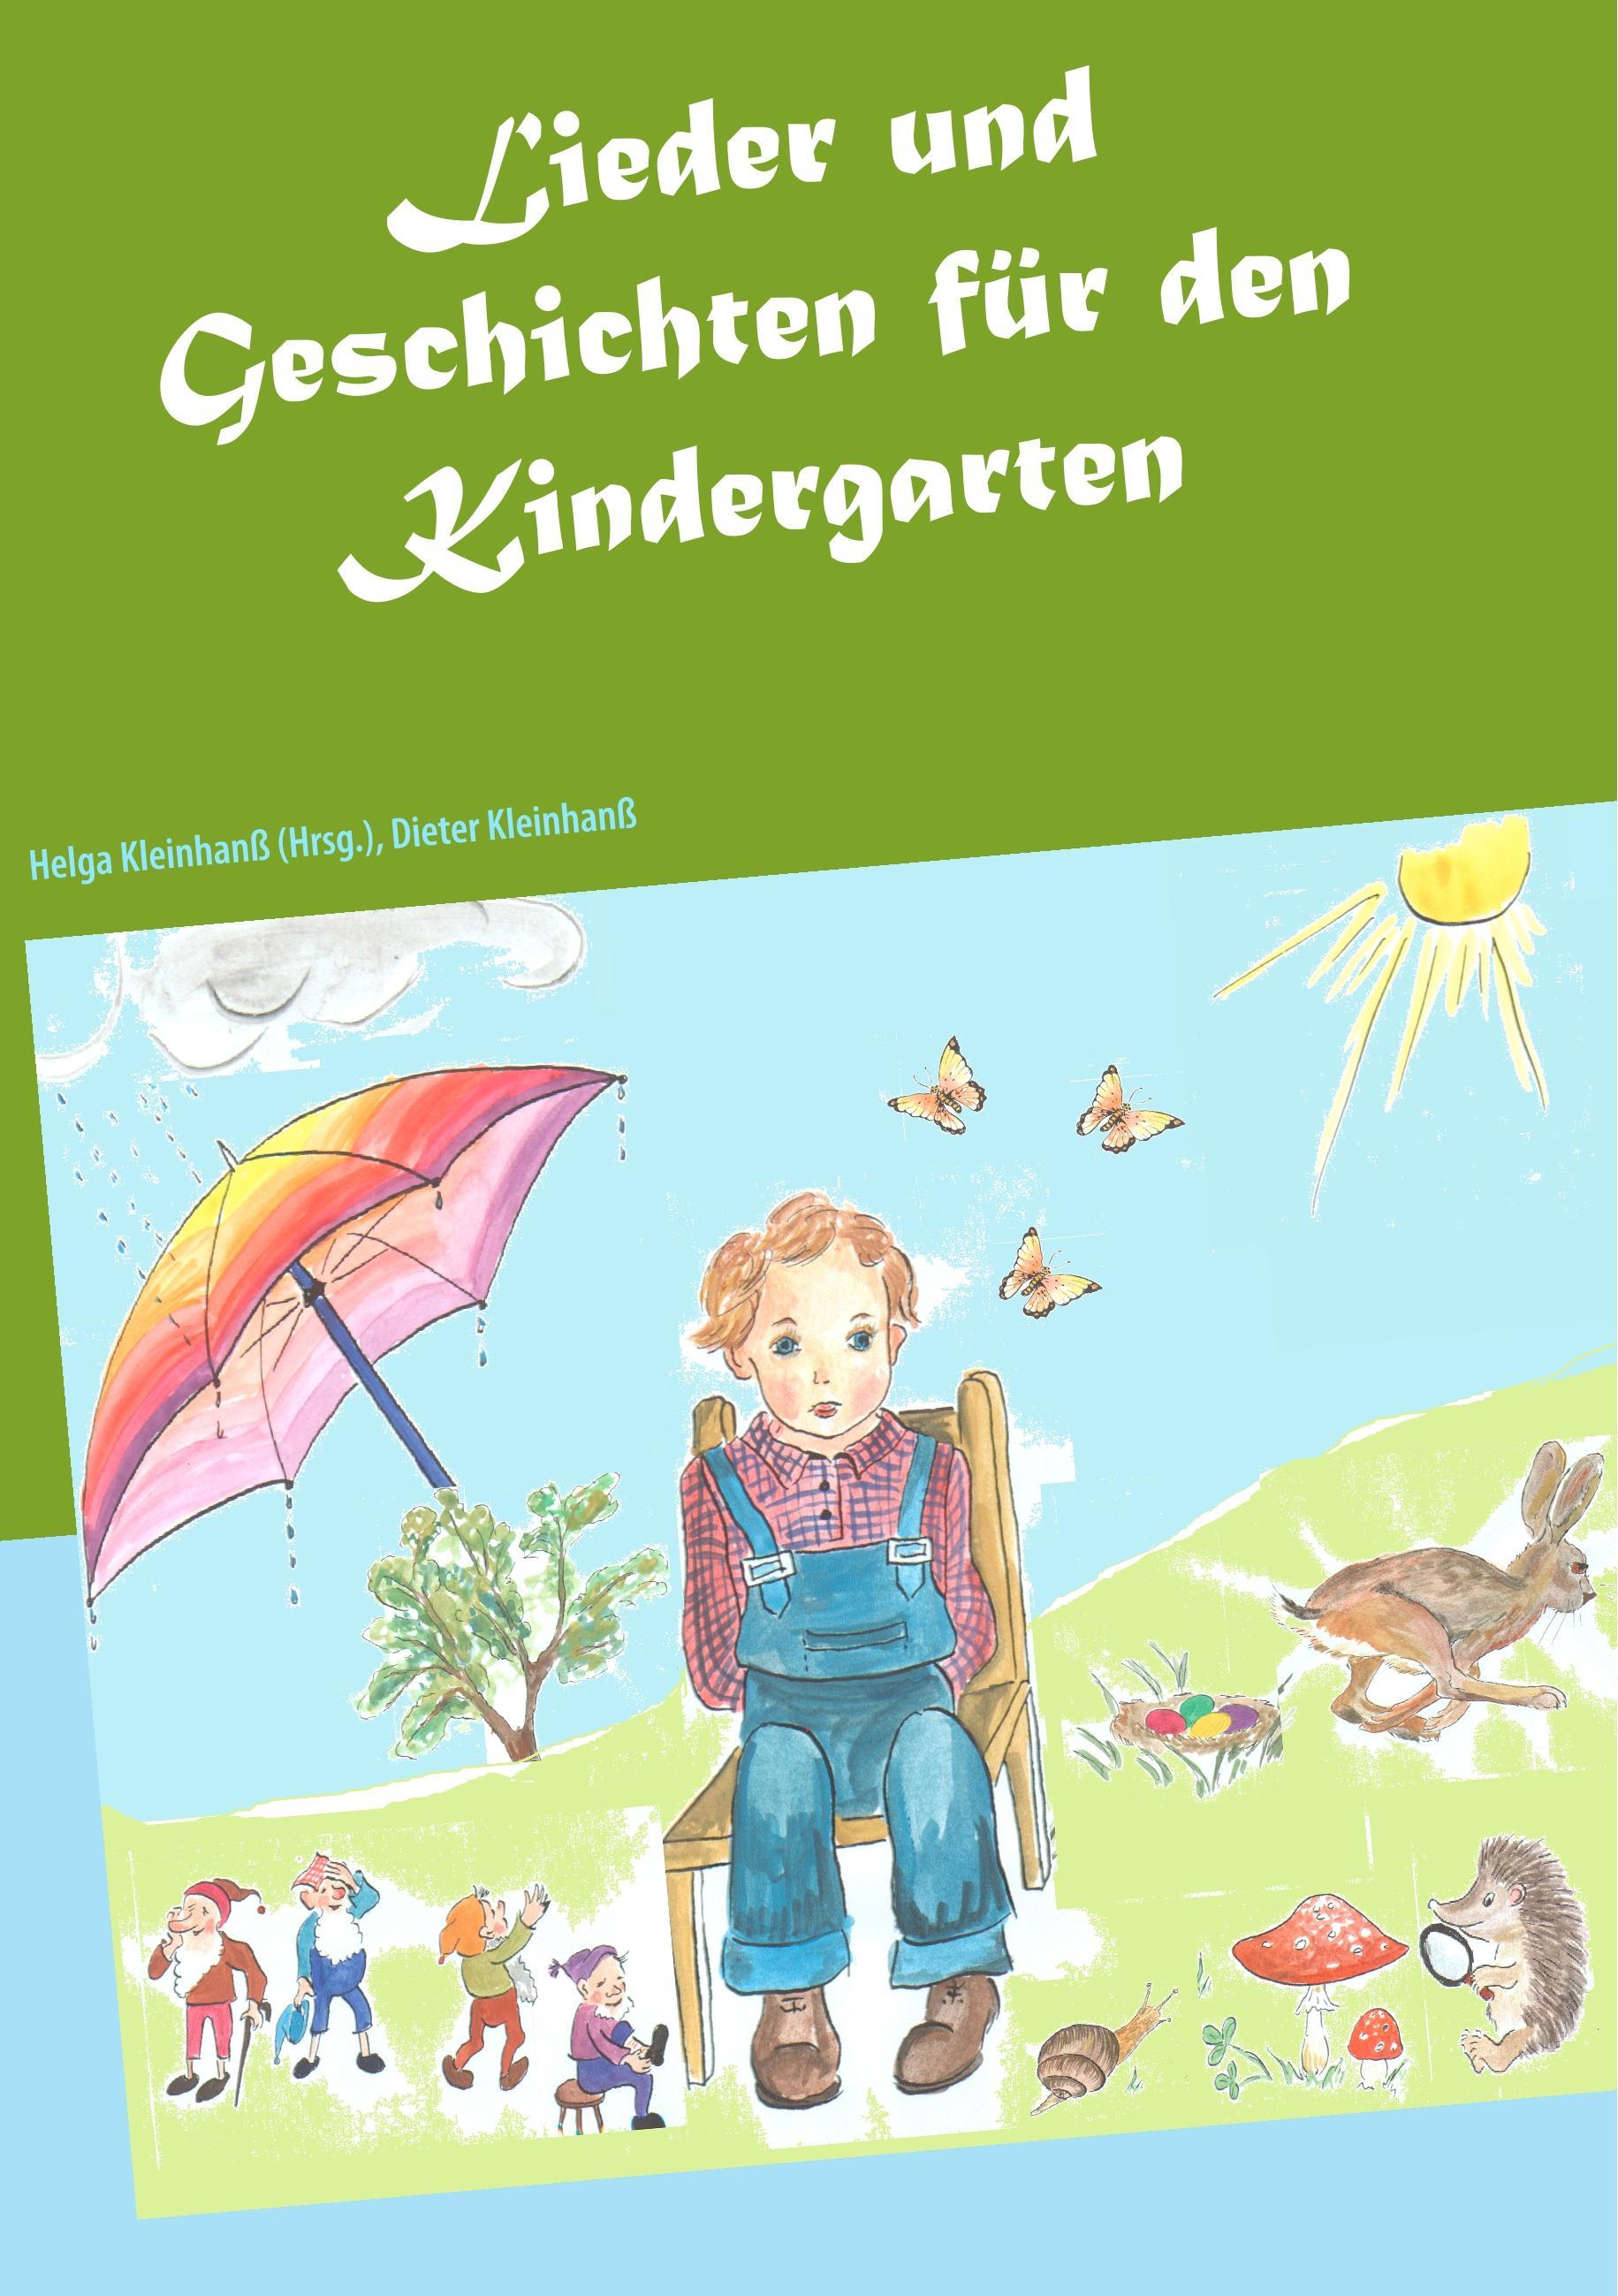 Lieder und Geschichten für den Kindergarten  Dieter Kleinhanß  Taschenbuch  Paperback  Deutsch  2018 - Kleinhanß, Dieter